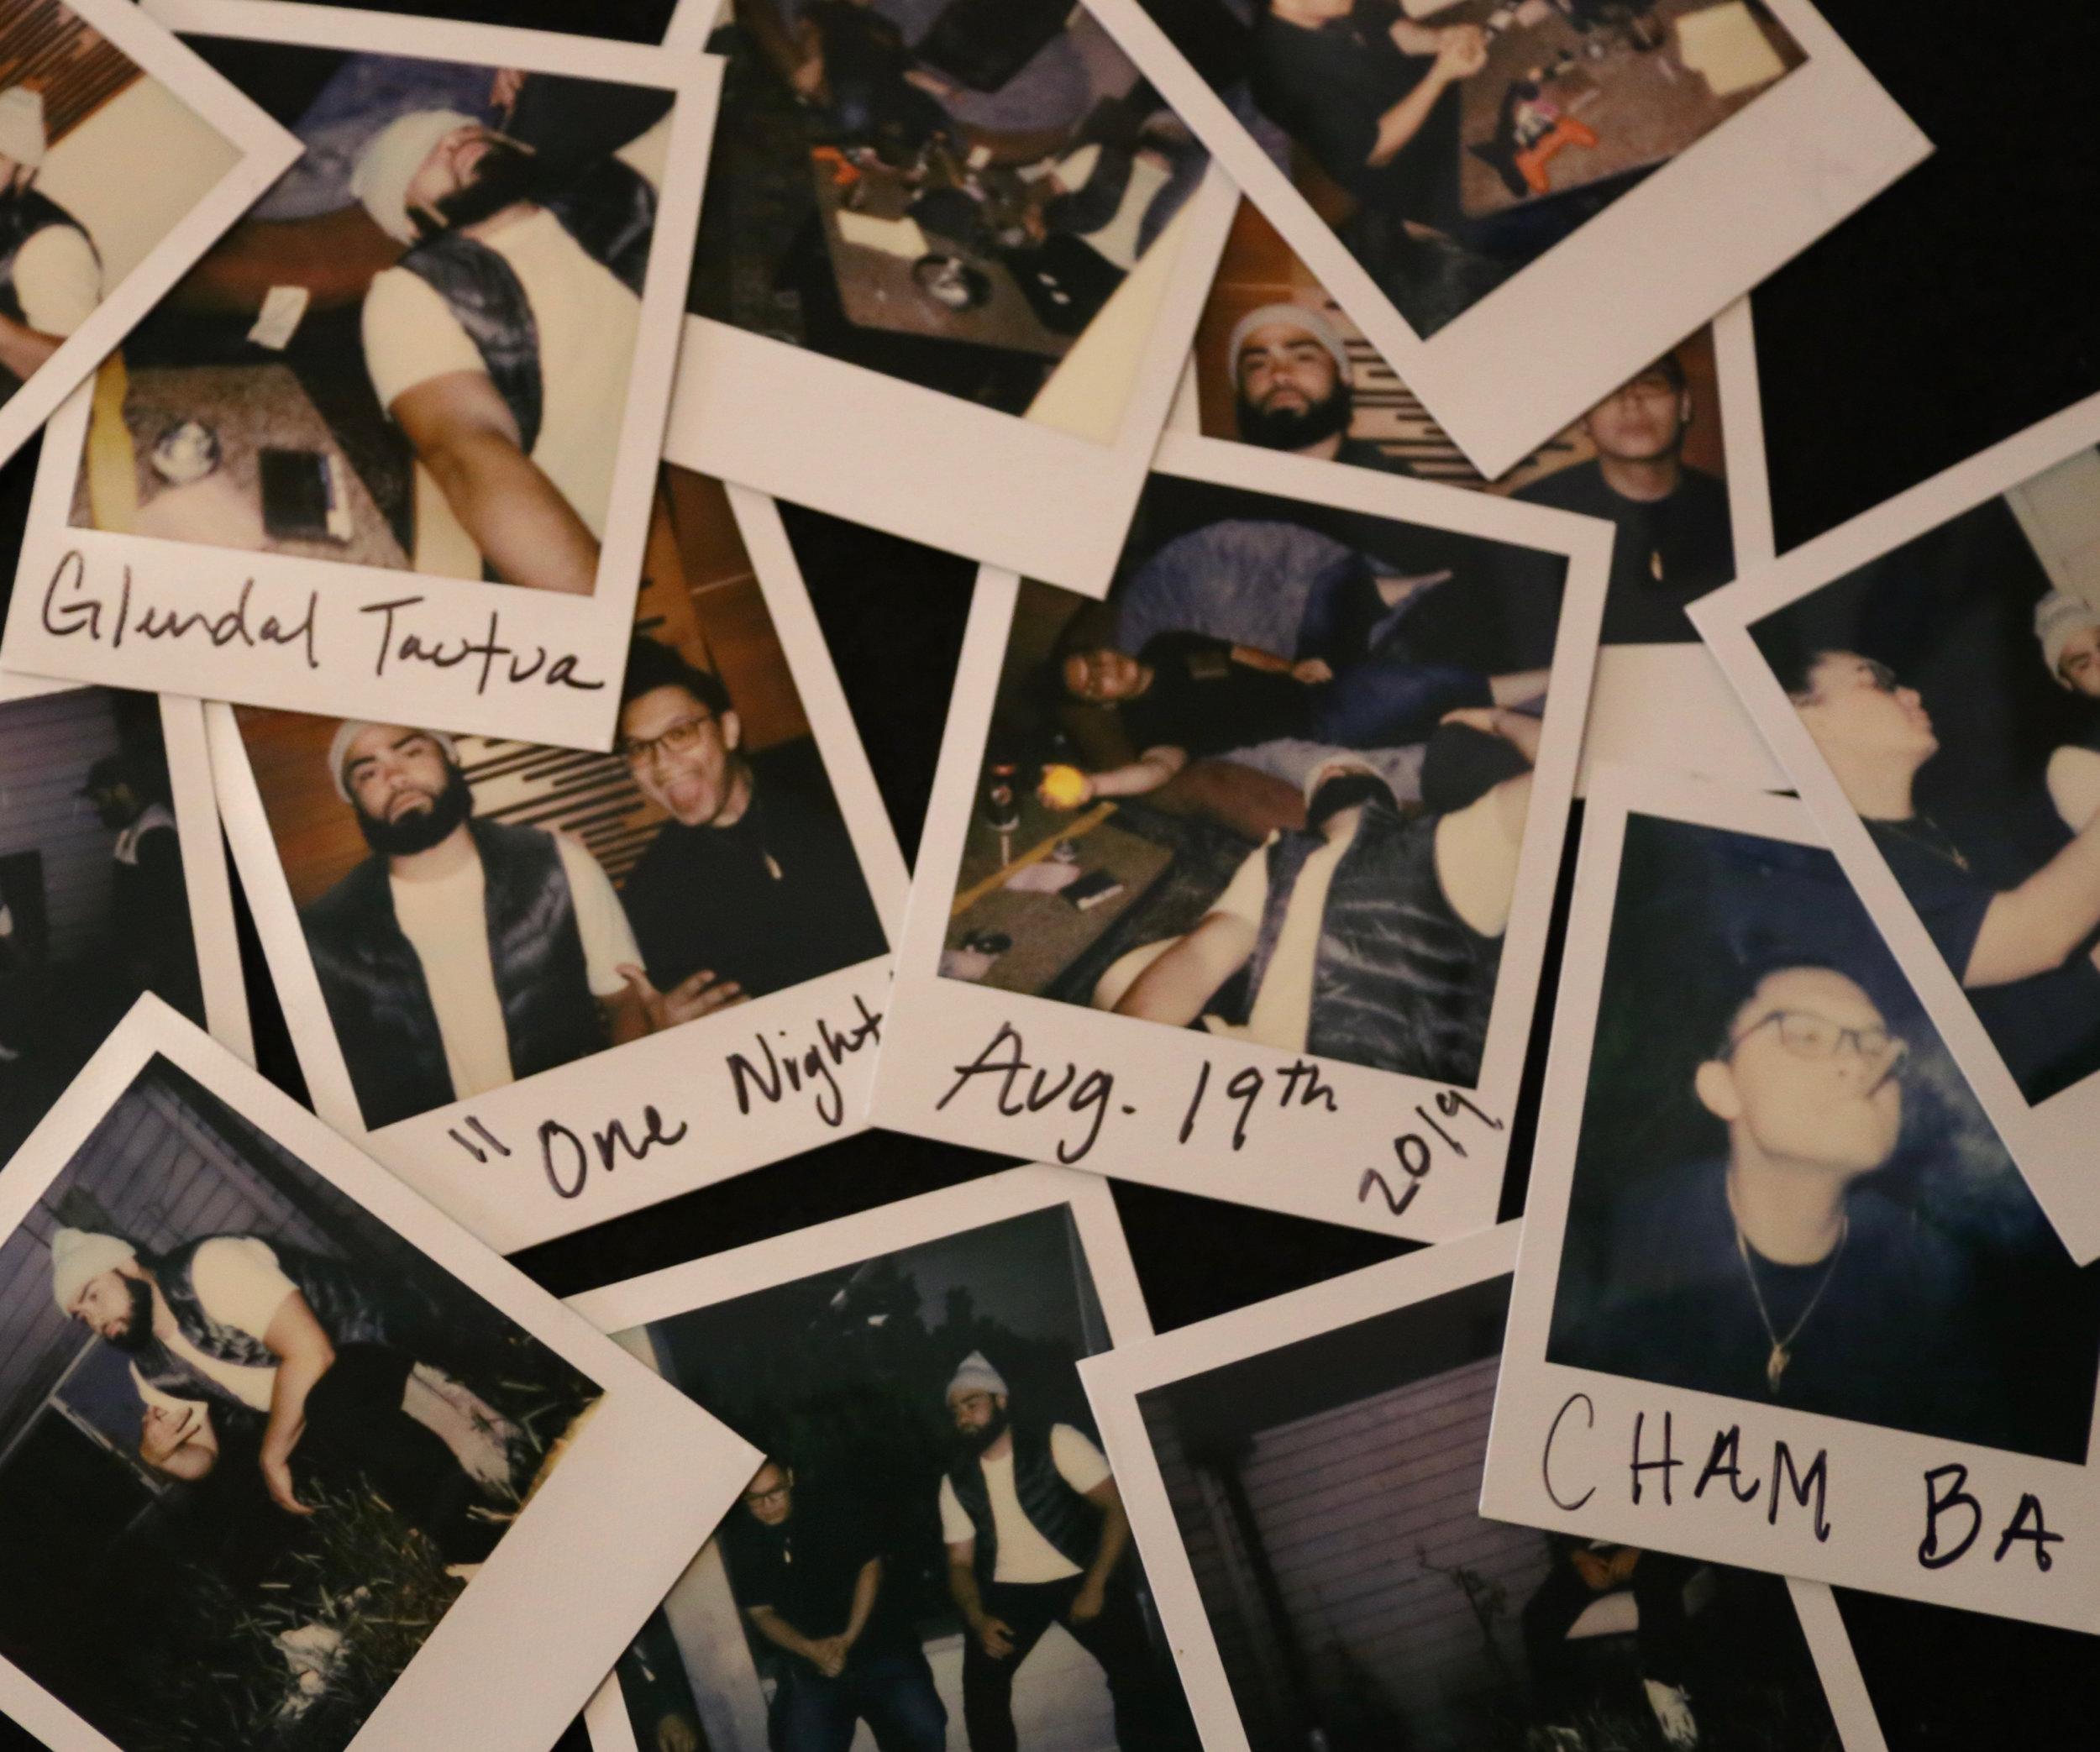 ONE NIGHT - Single from Glendal Tautua featuring Cham Ba aka MassiahSpotifyiTunesSoundCloudBandCampYouTubeAmazon MusicGoogle Play